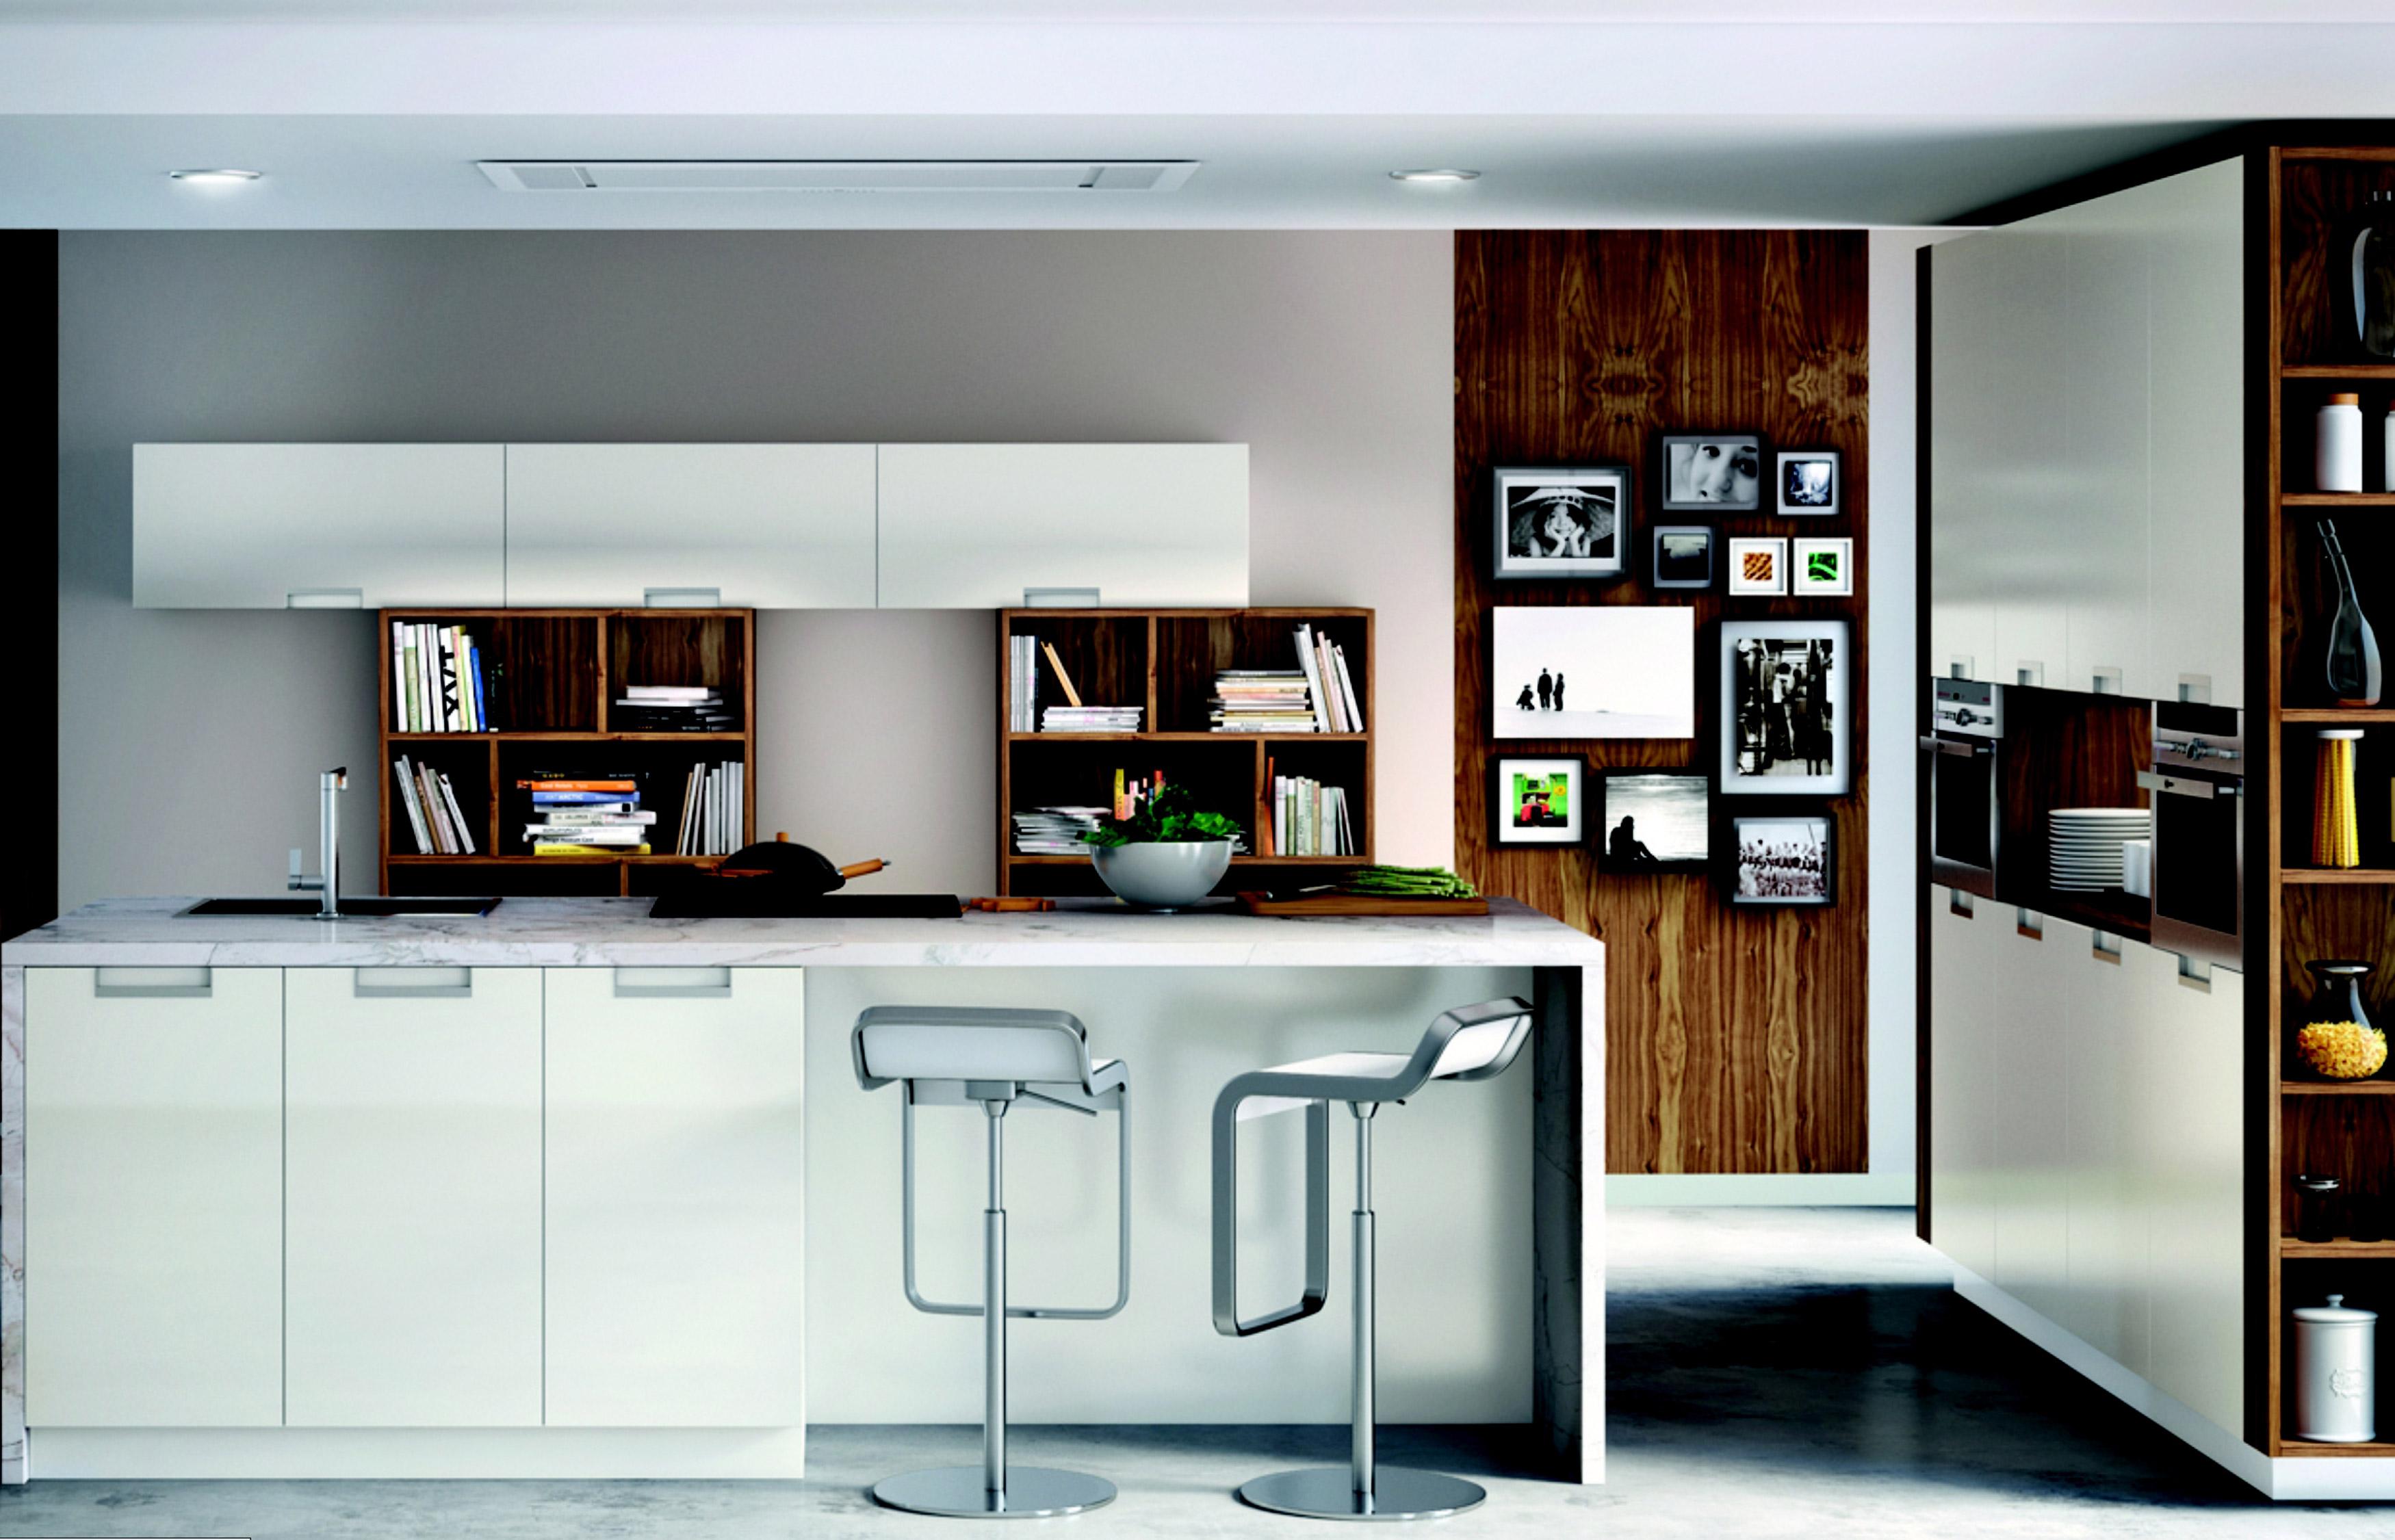 Modelo altea n car muebles de cocina y ba o online en for Muebles cocina online